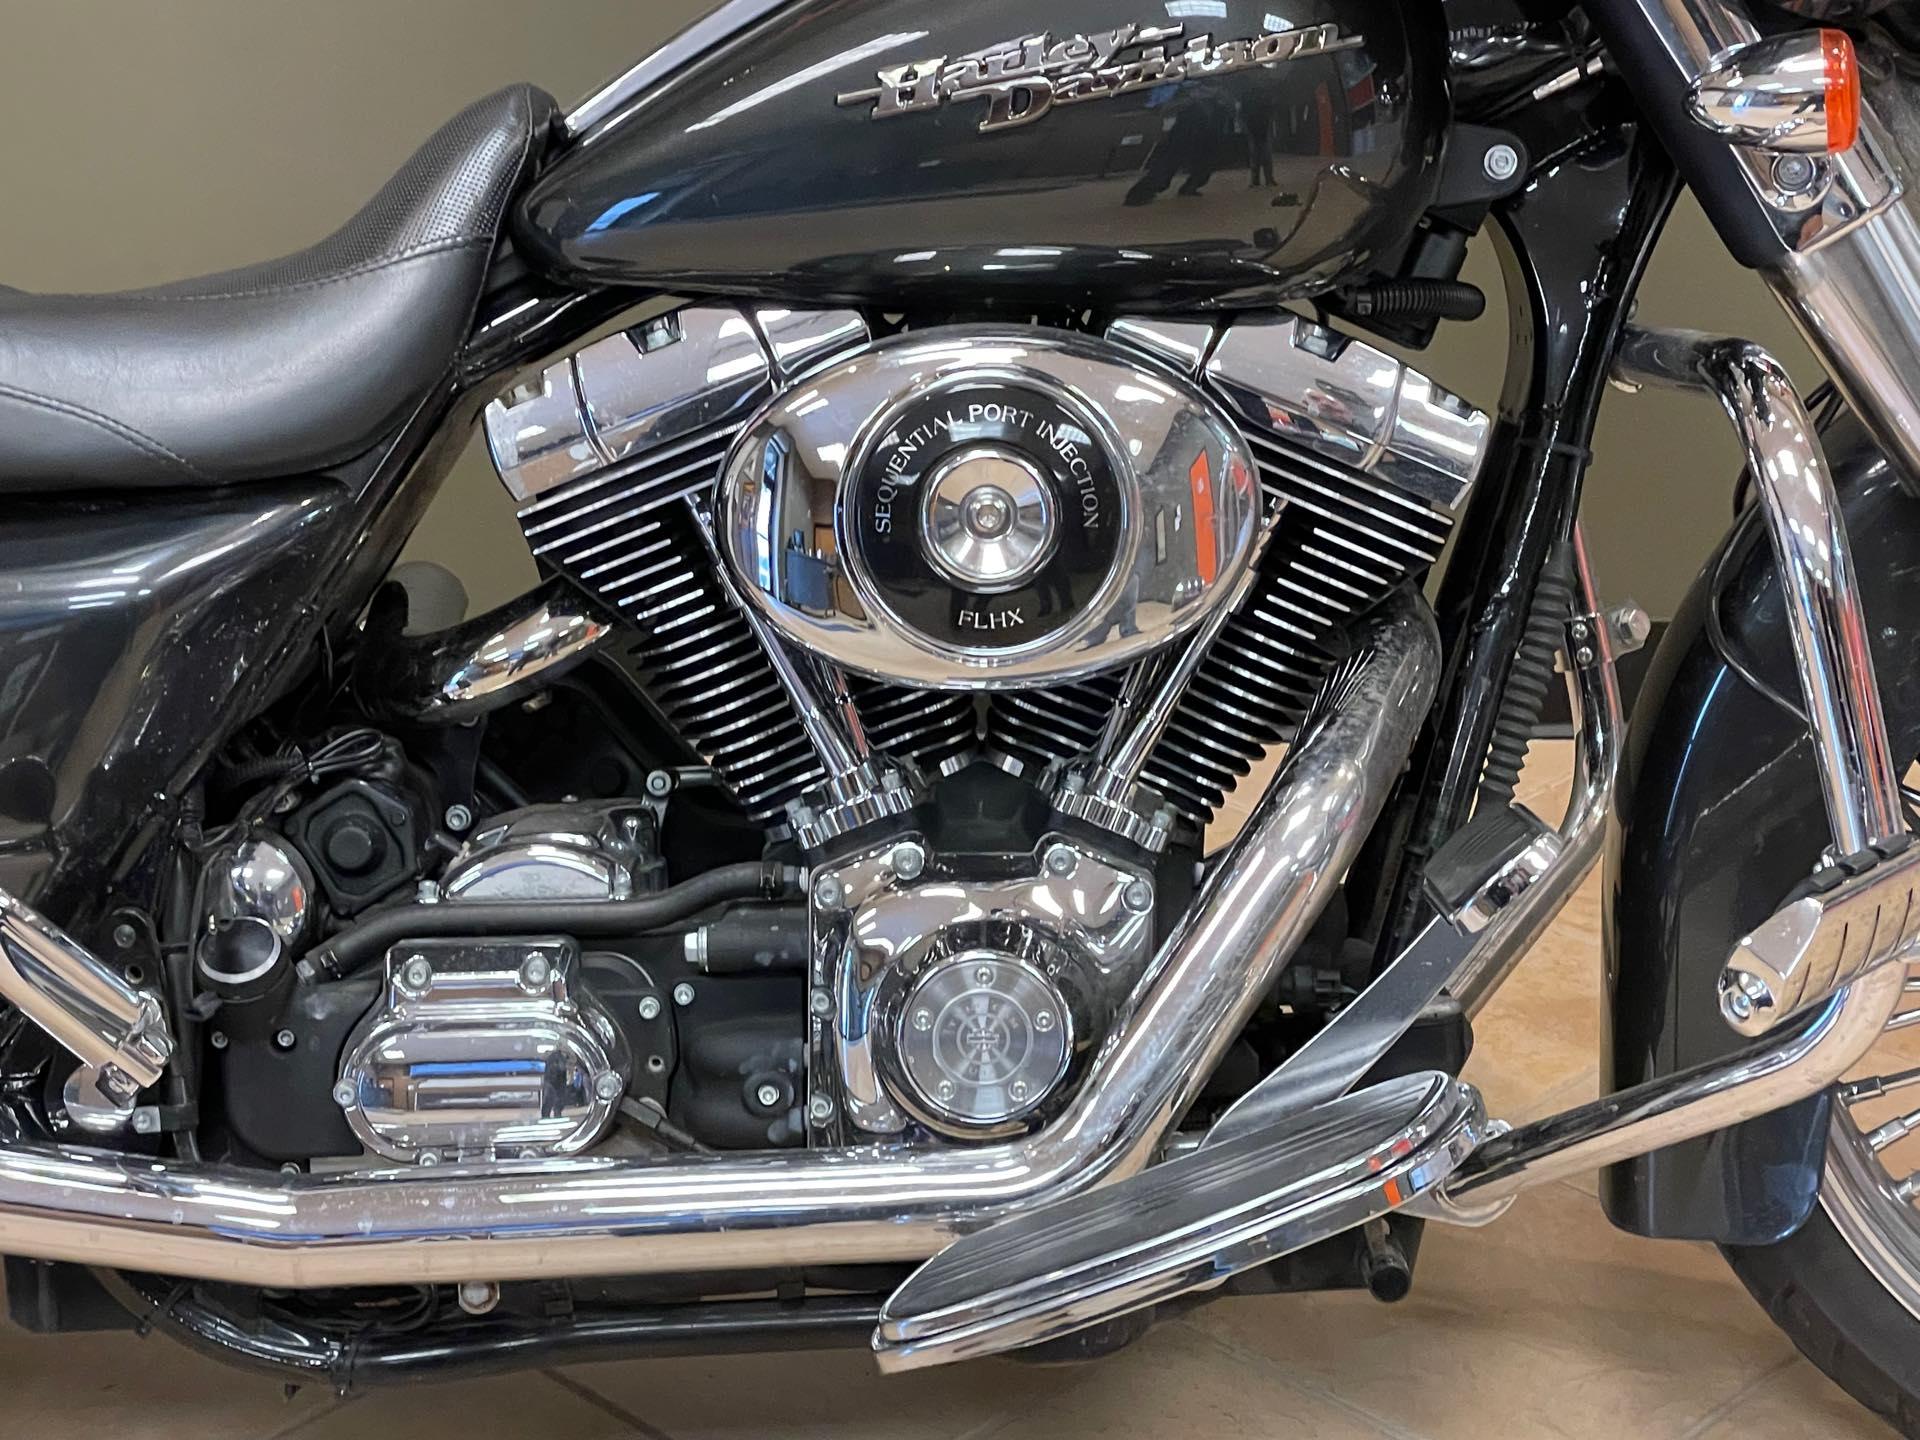 2006 Harley-Davidson Street Glide Base at Loess Hills Harley-Davidson